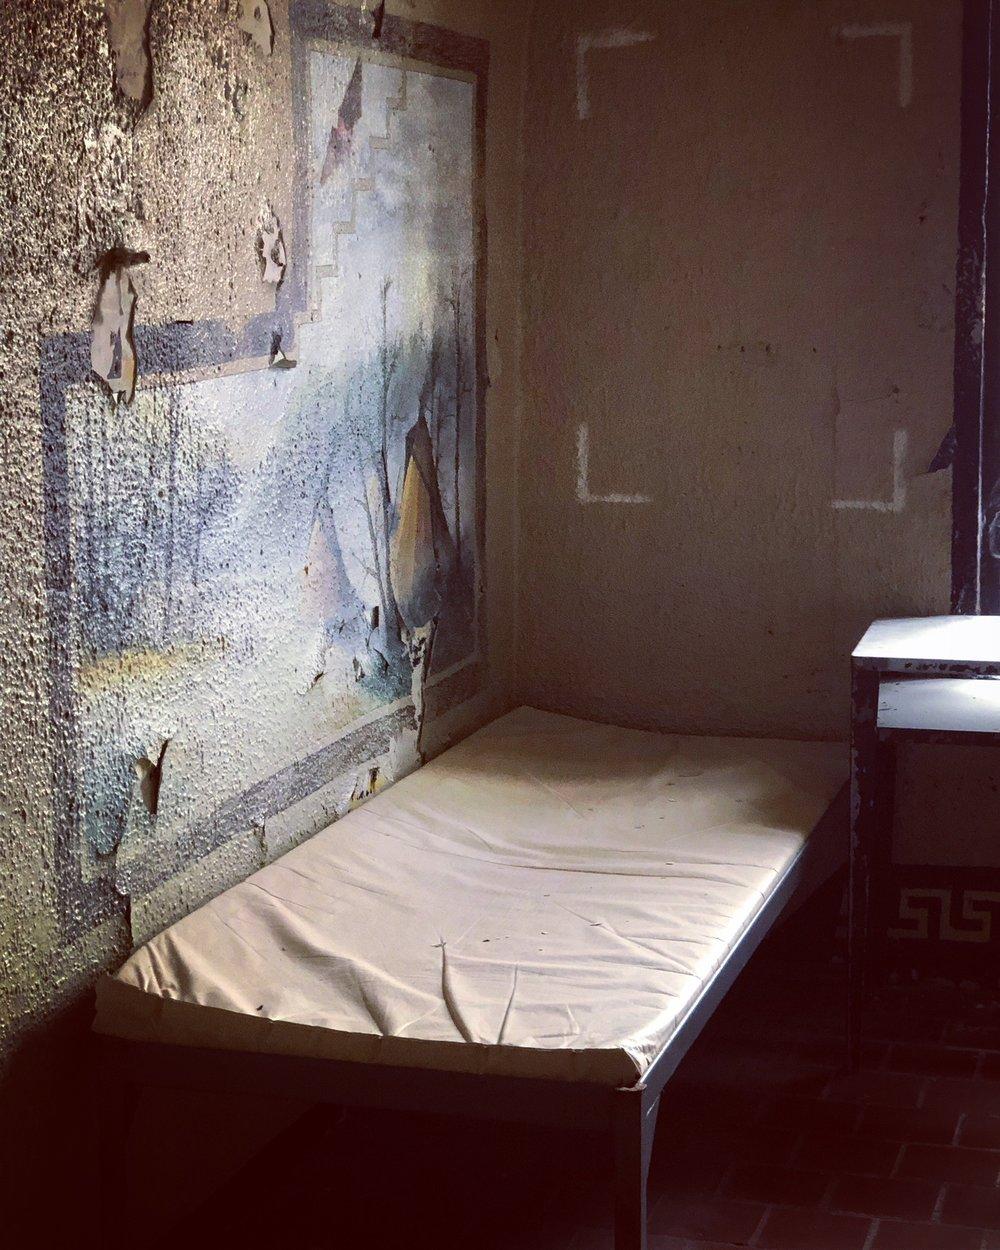 Inmate wall mural